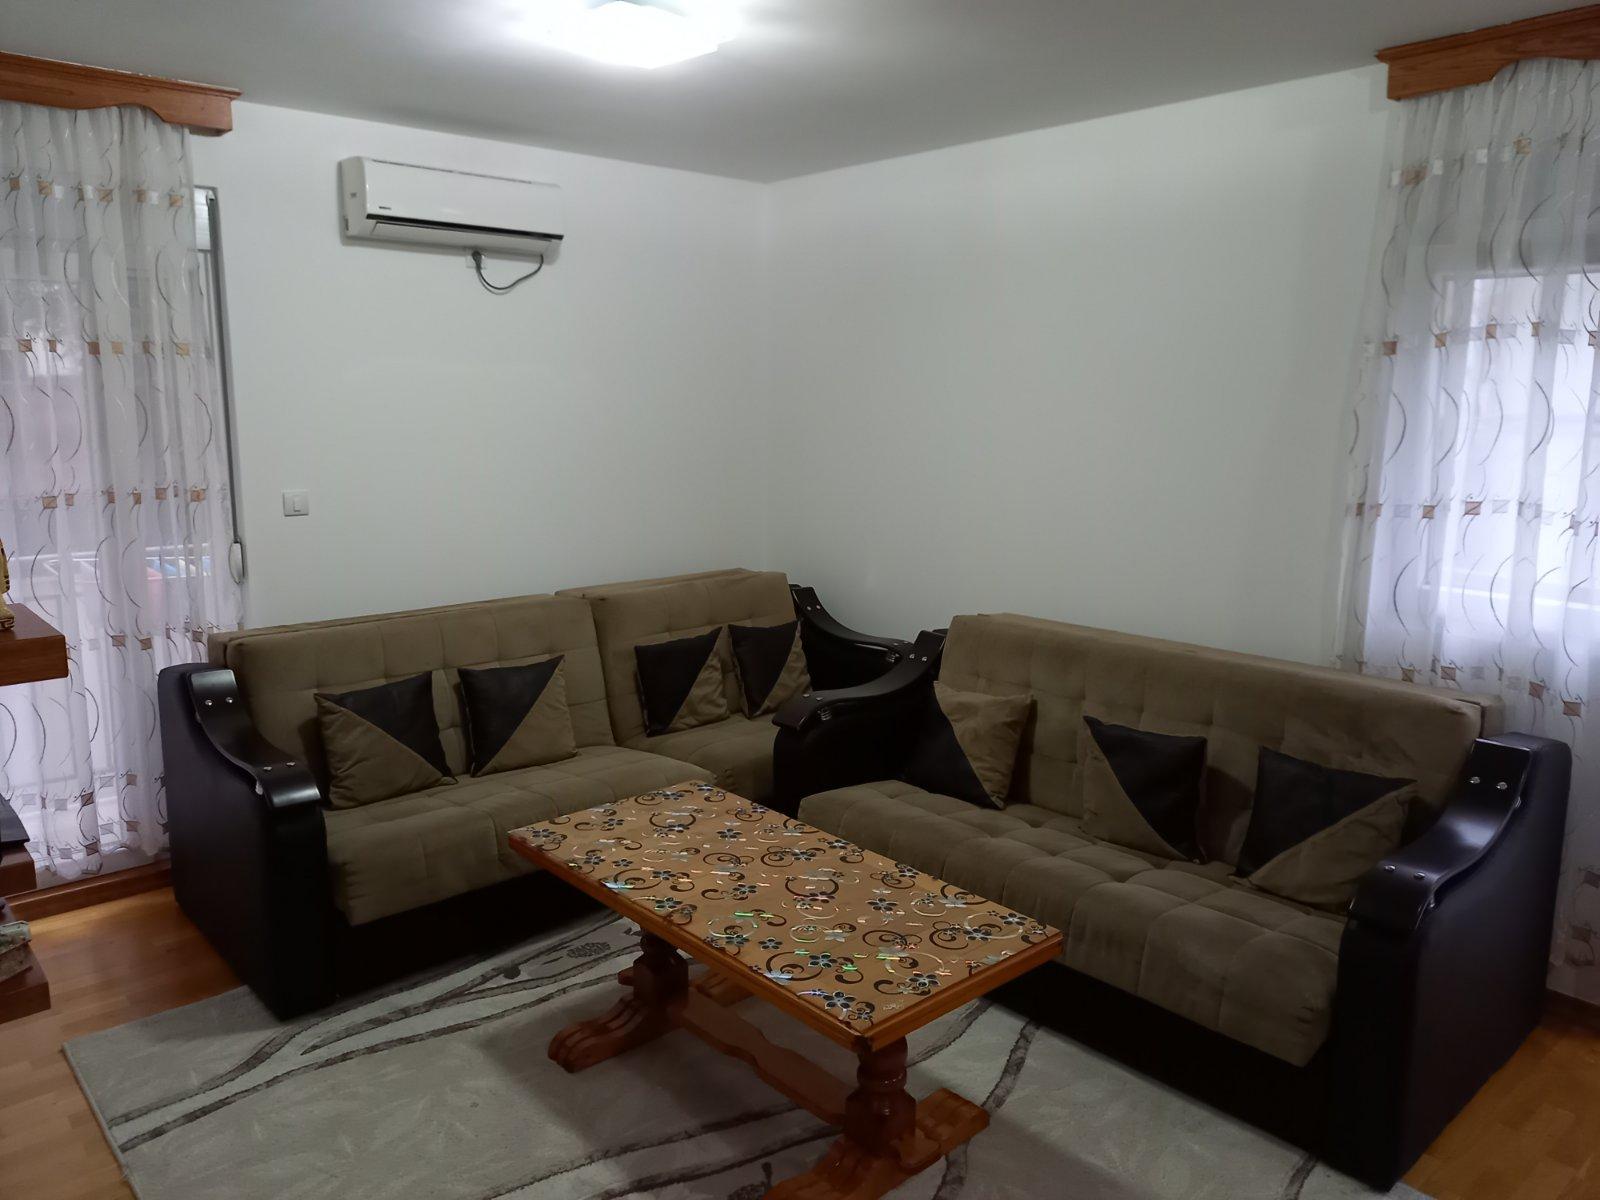 Namješten jednosoban stan u Dalmatinskoj ulici - 8